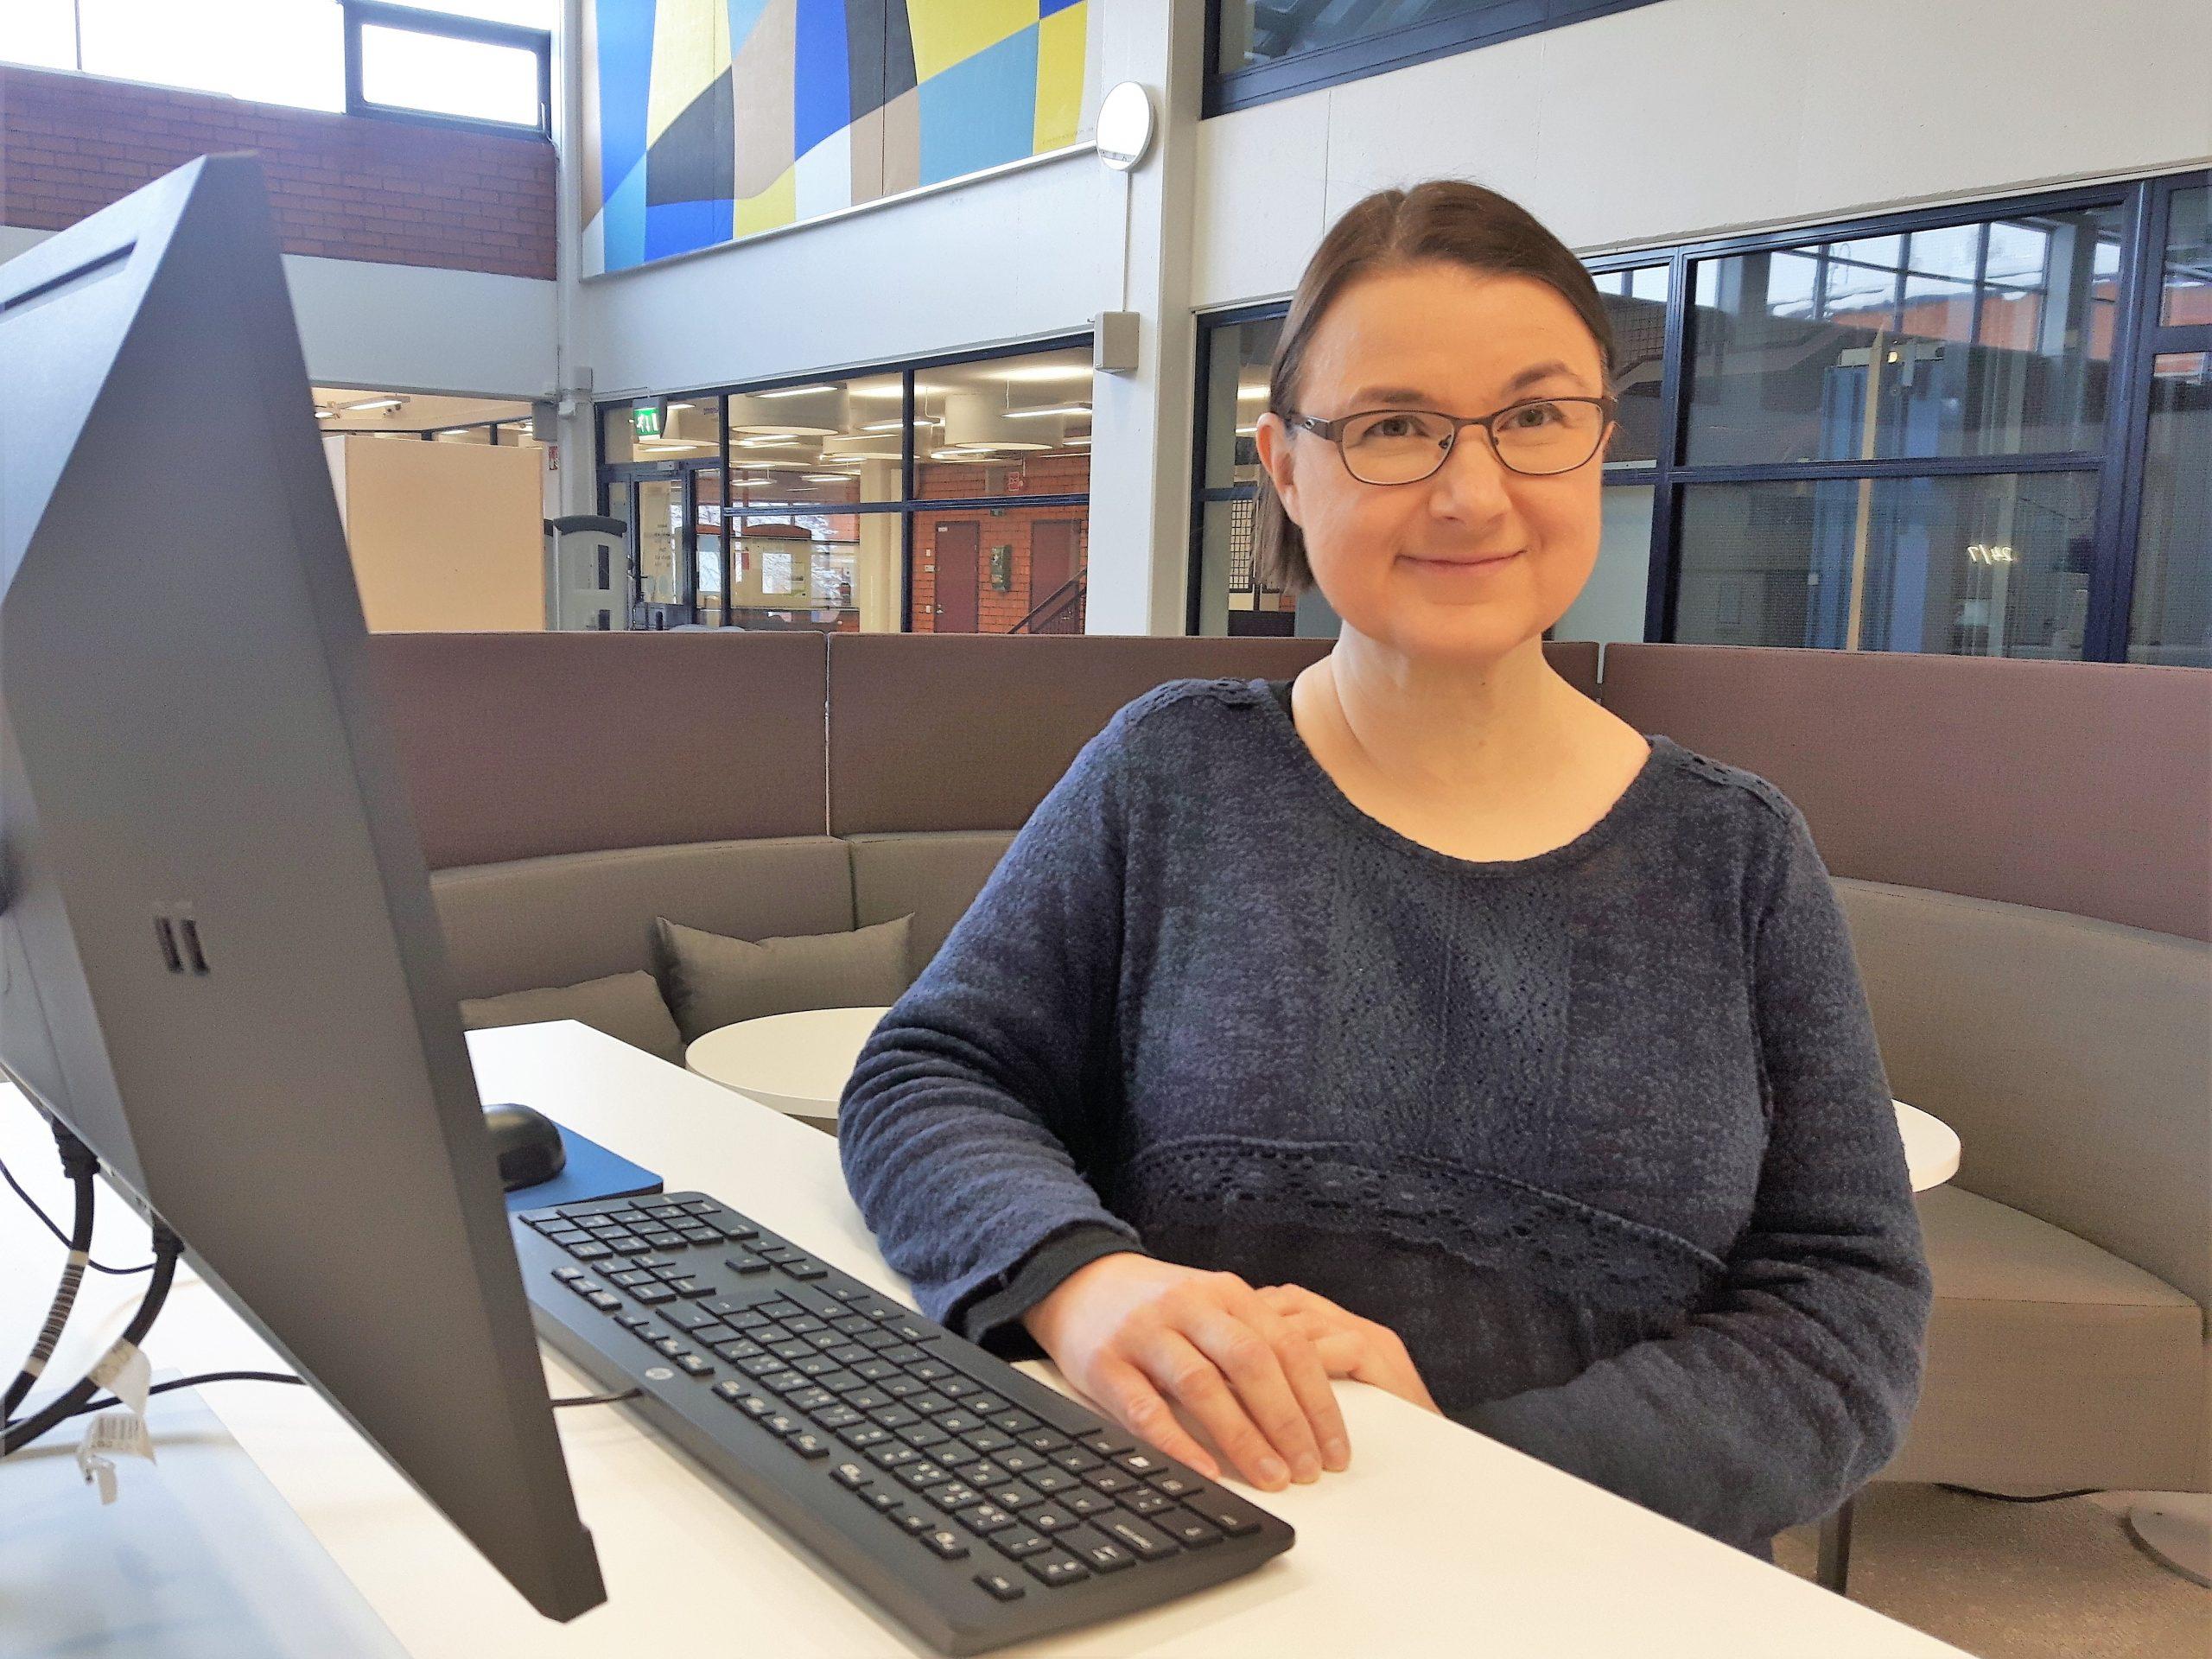 Kirjastossa Katri Rintamäki istuu tietokoneen ääressä, taustalla sohvaryhmä. Katri Rintamäki sitting by a computer, sofas at the background, library interior..